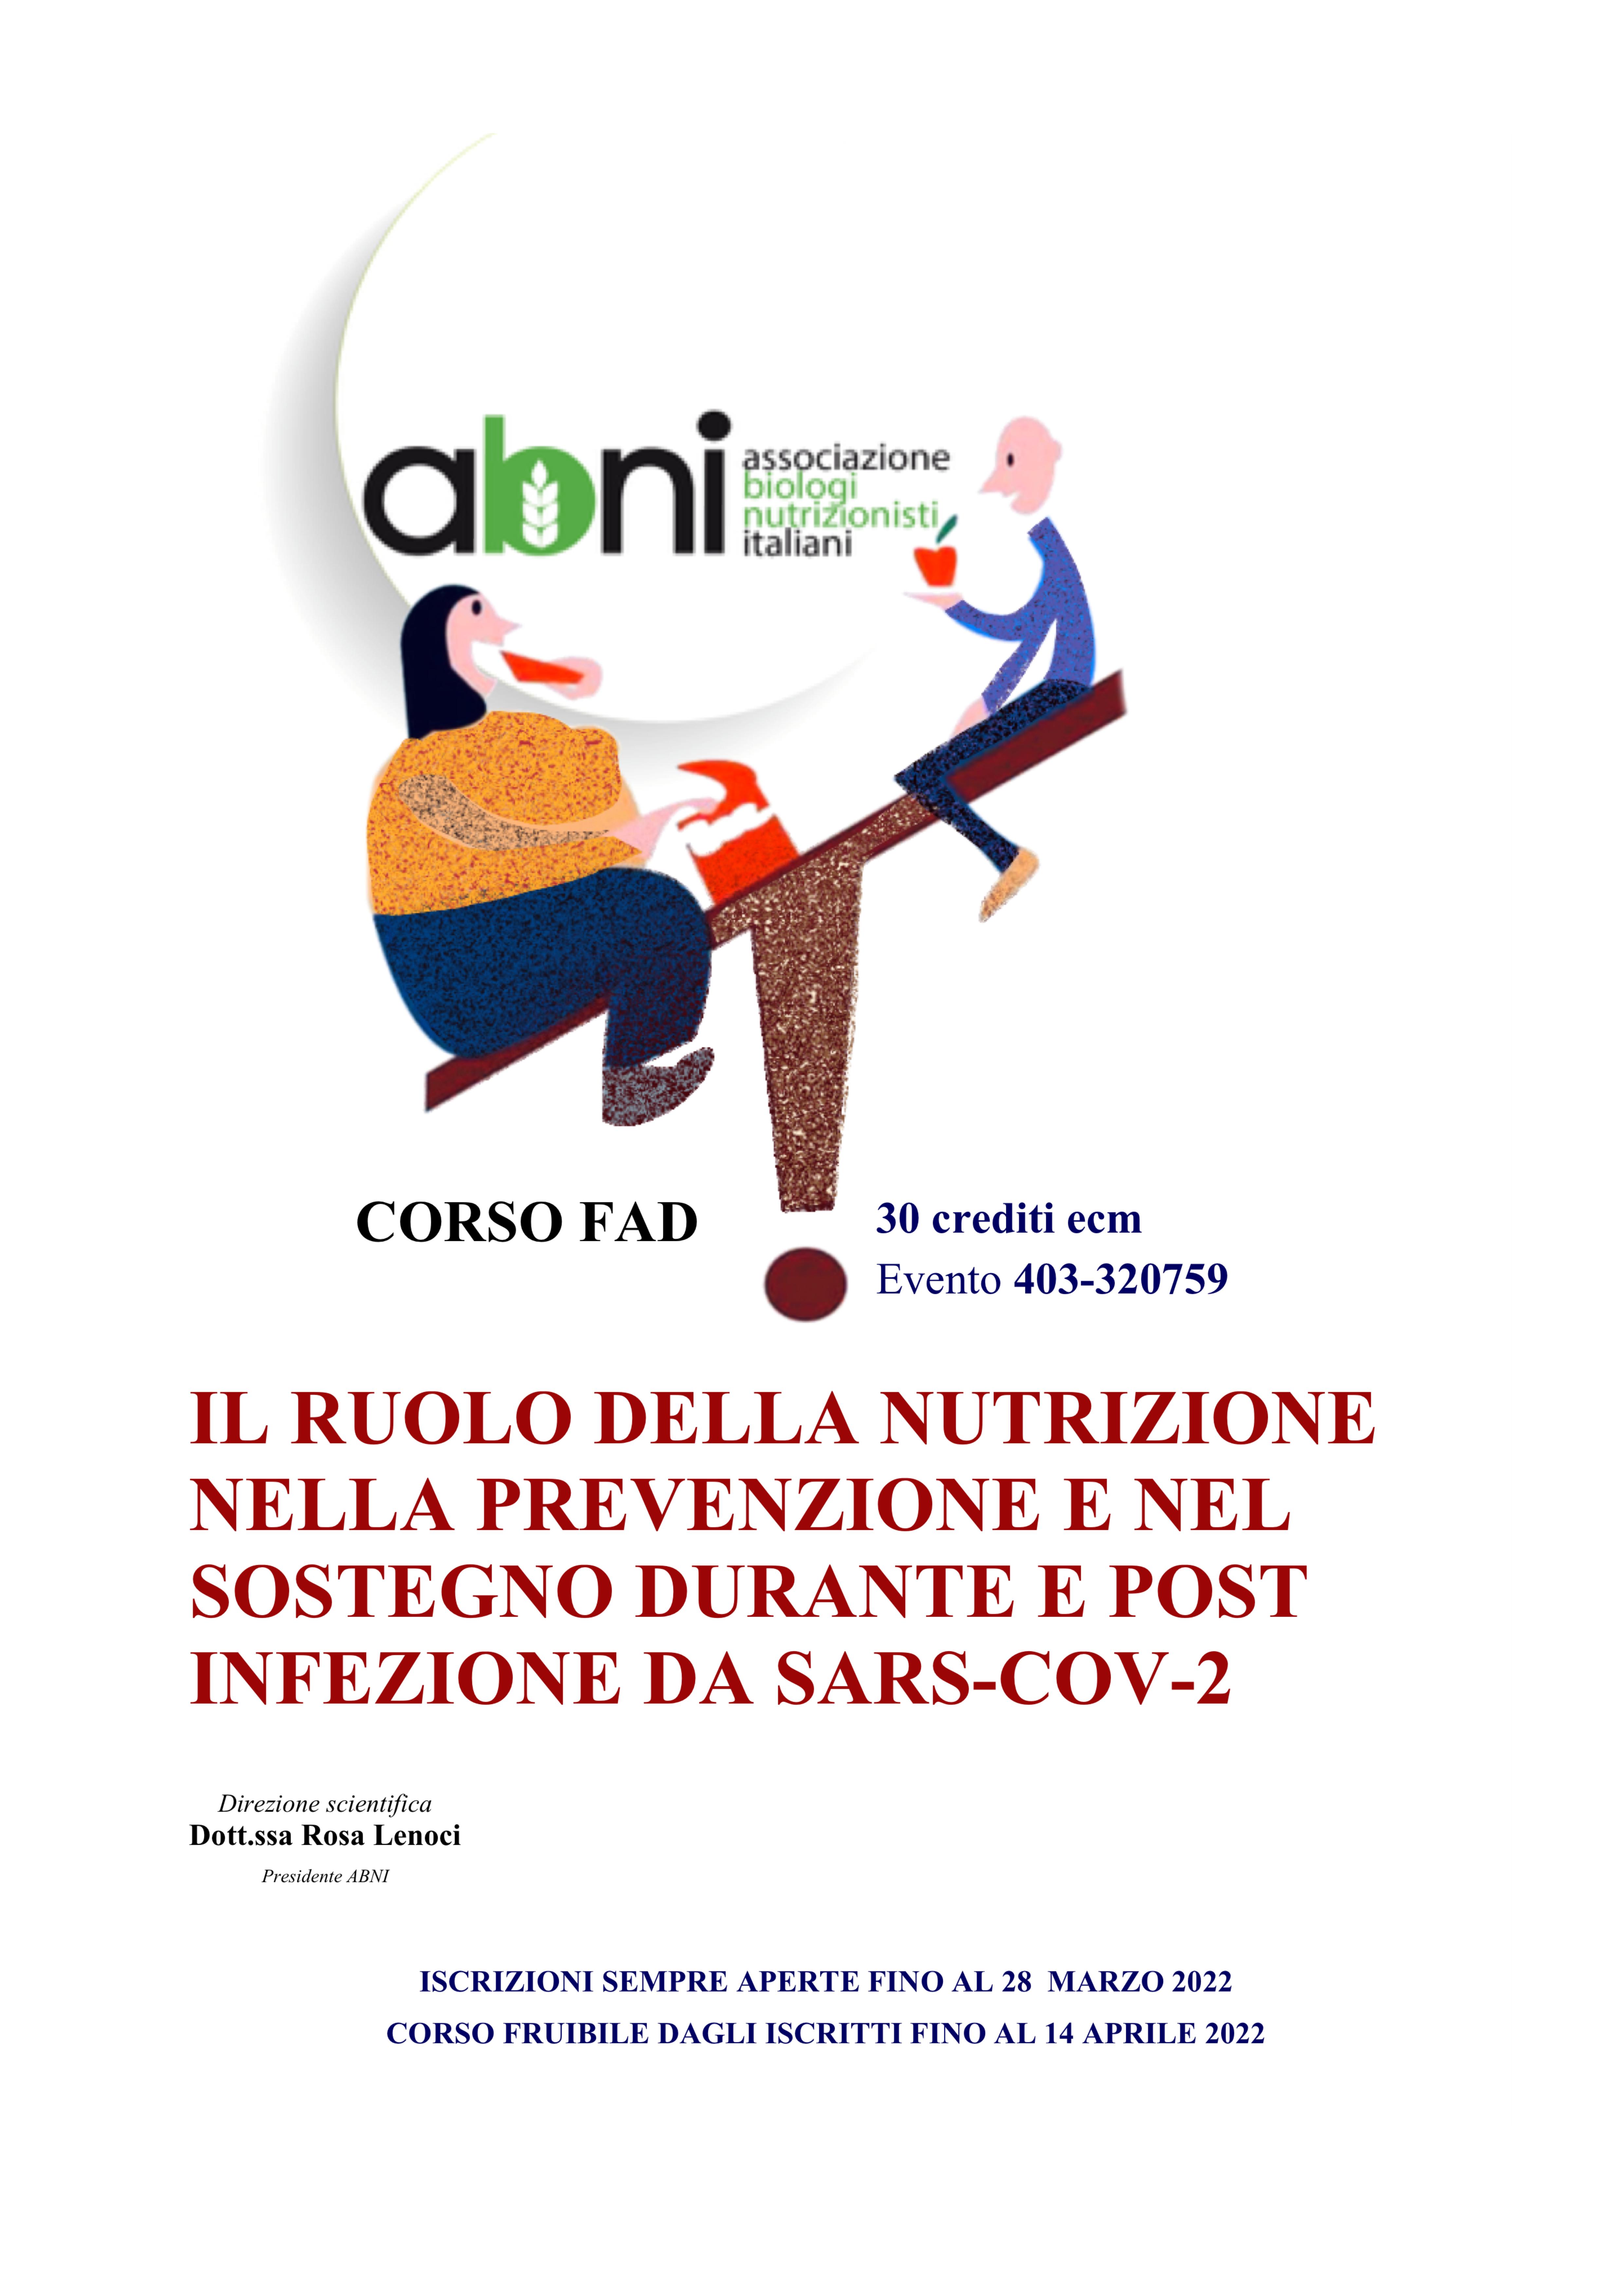 IL RUOLO DELLA NUTRIZIONE NELLA PREVENZIONE E NEL SOSTEGNO DURANTE E POST INFEZIONE DA SARS-COV-2